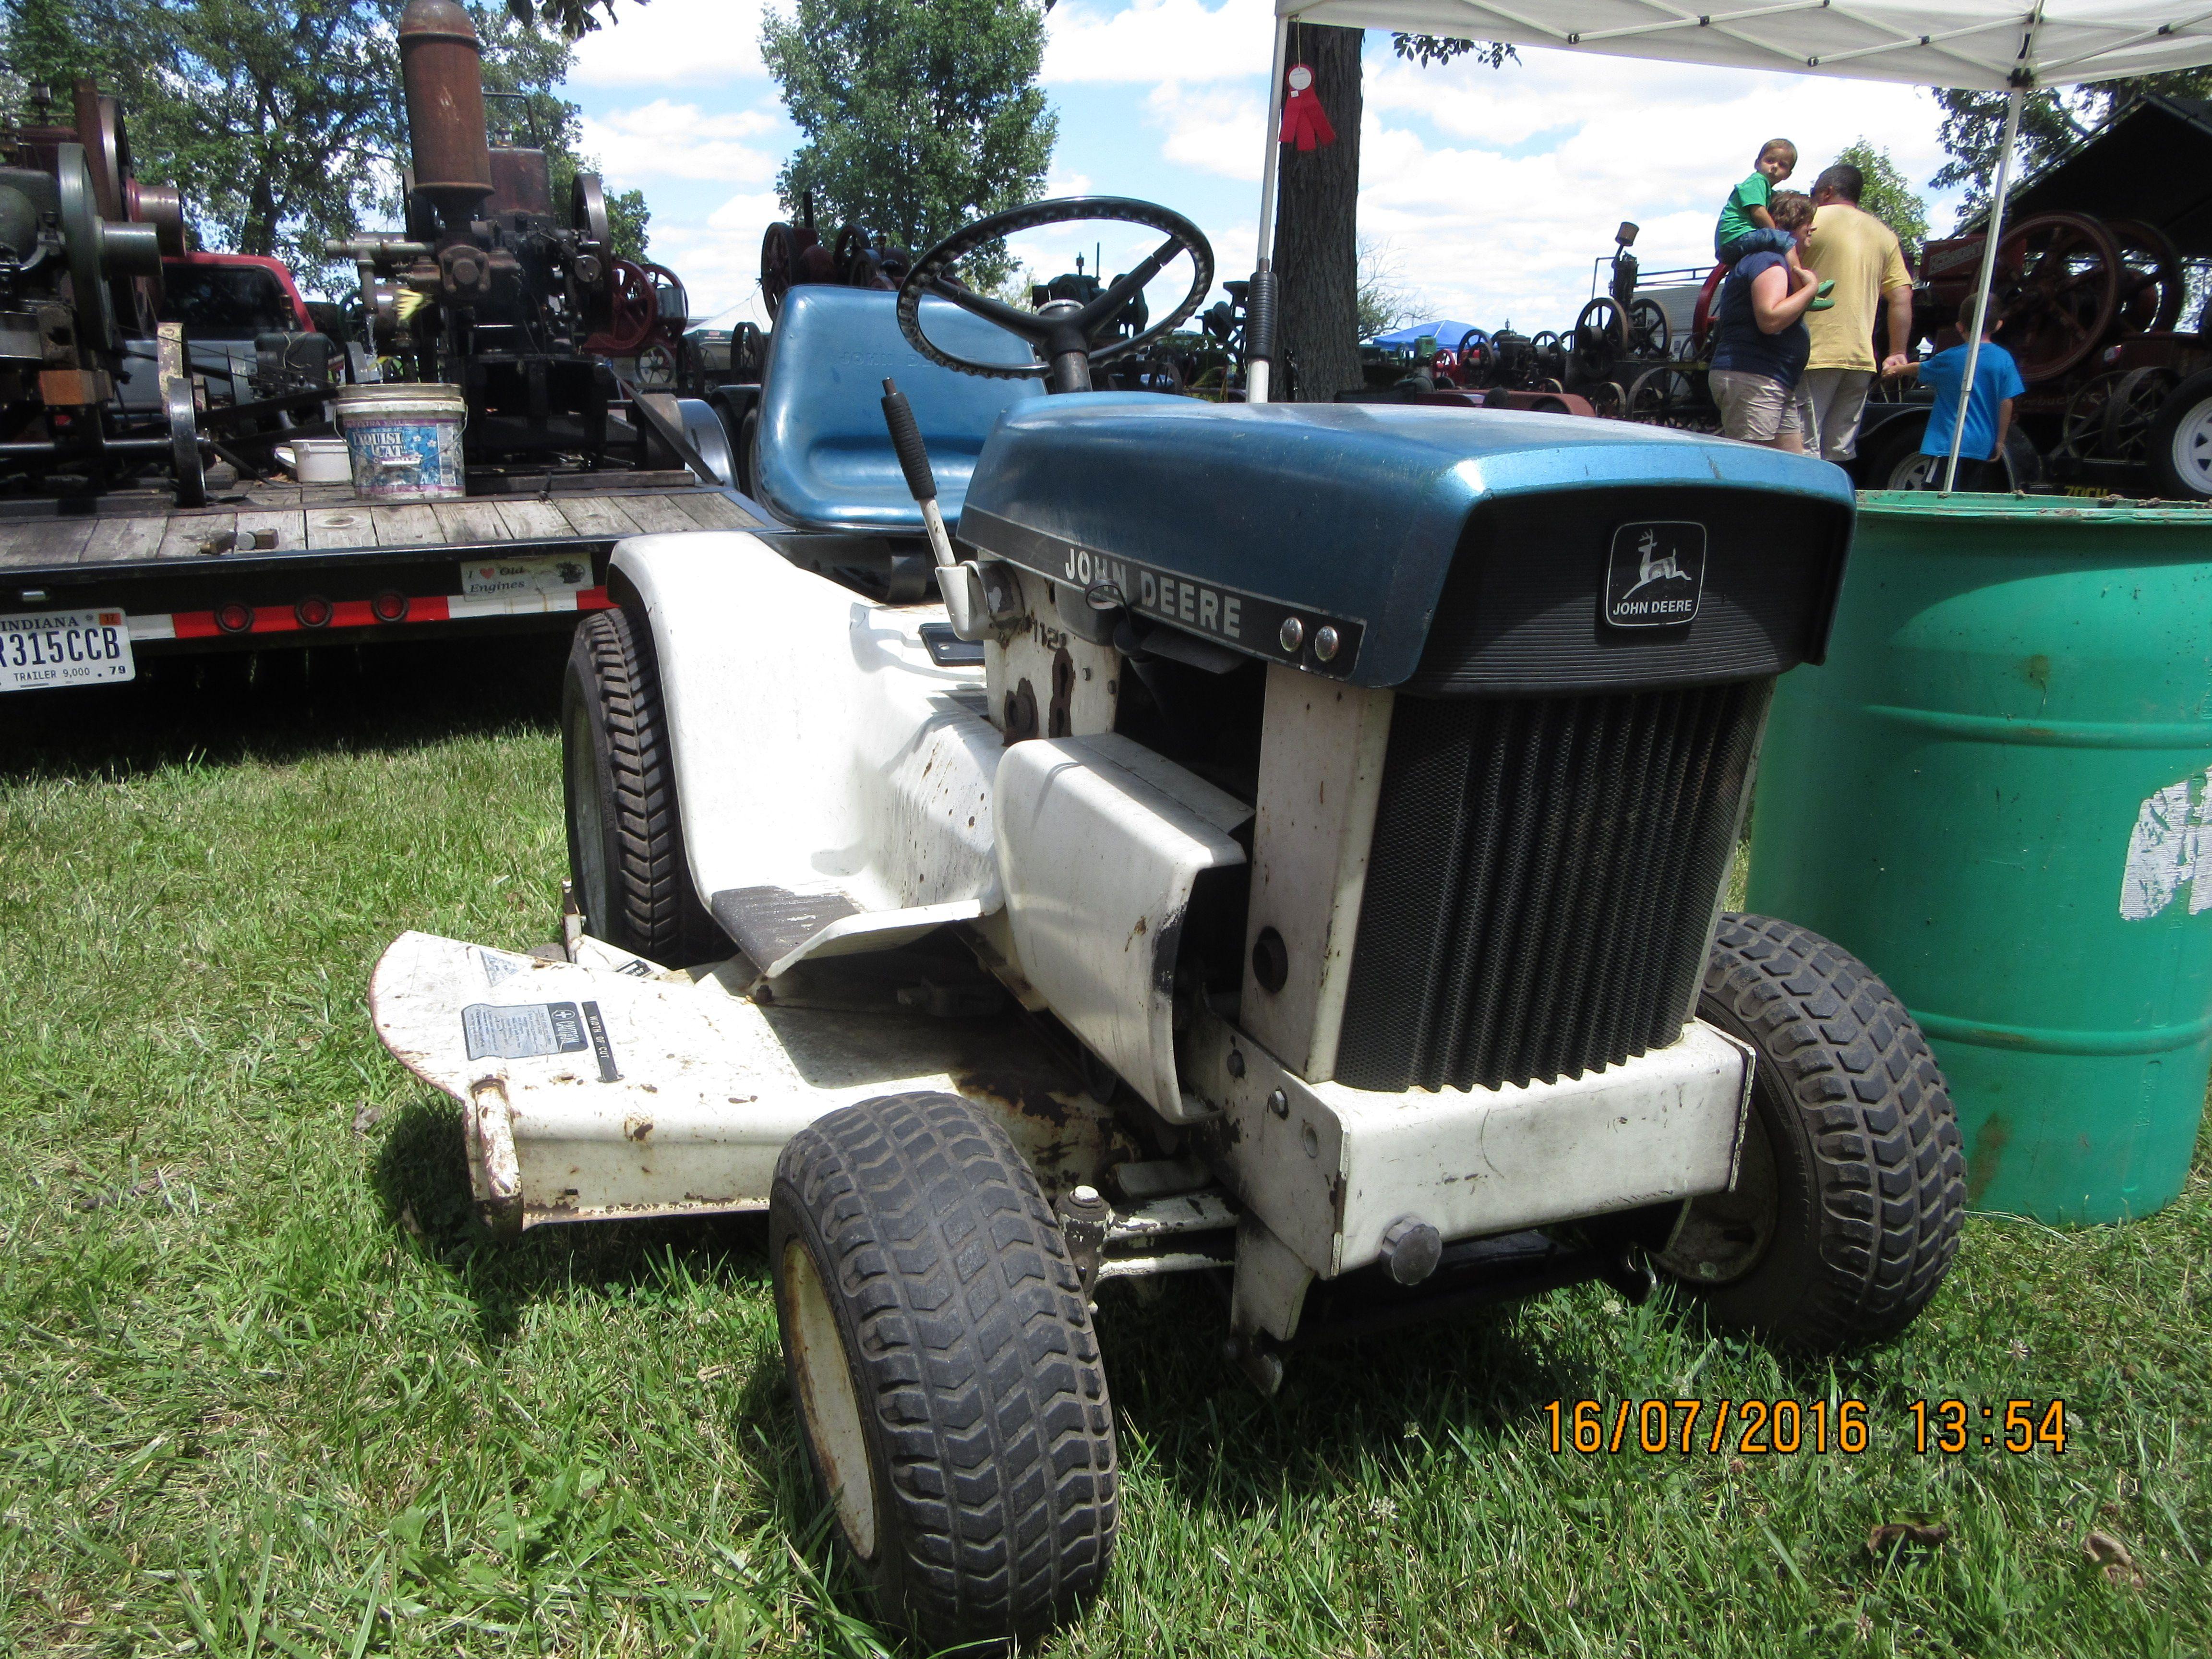 Blue John Deere 112 Patio Garden Tractor